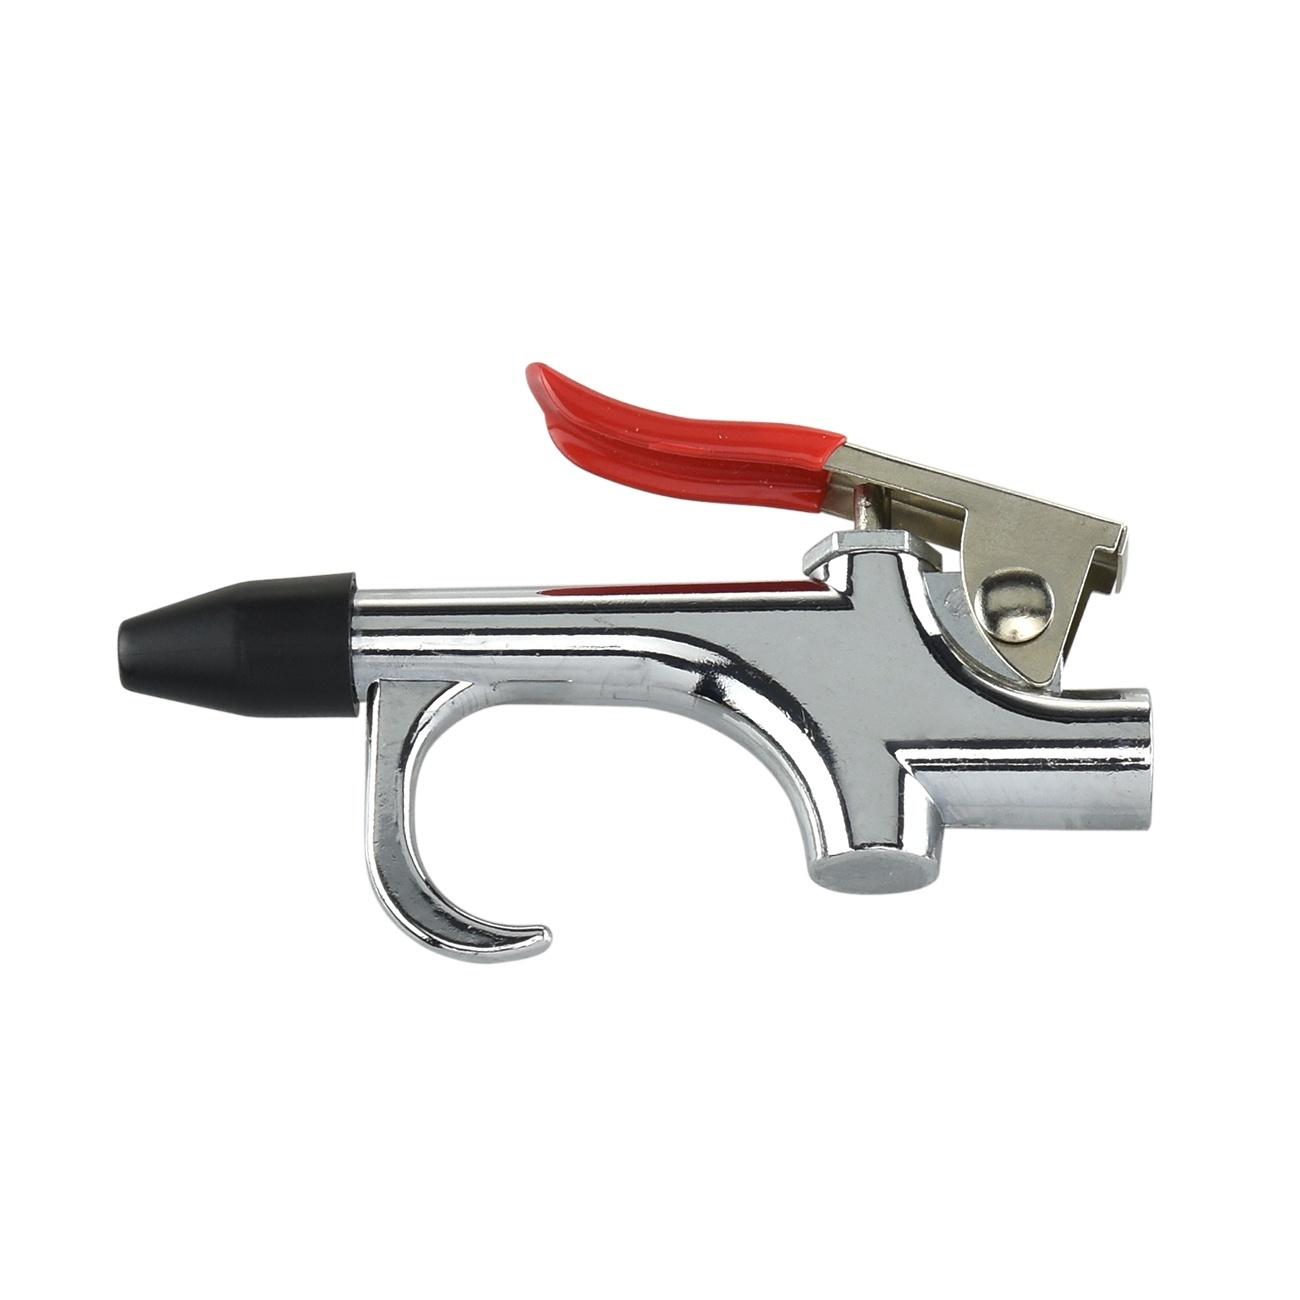 Air Blower Gun : Pc air compressor blow gun tool kit nozzles inflation